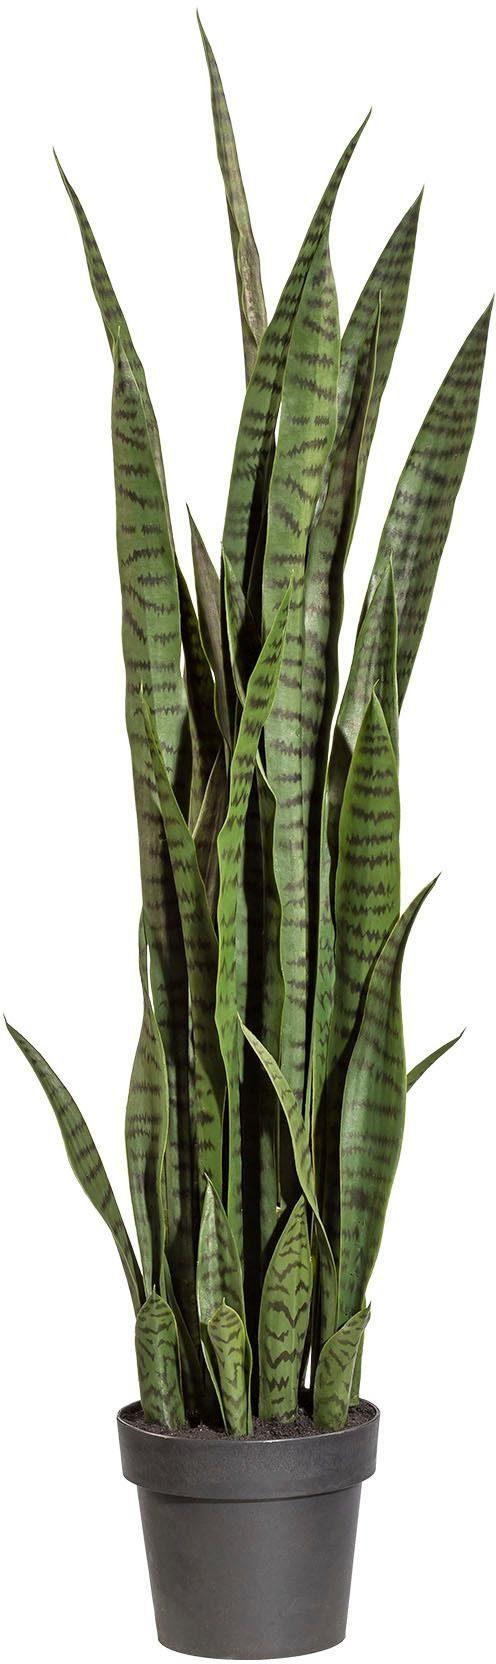 Künstliche Zimmerpflanze »Sanseveria« x39 Bl., ca. 120 cm